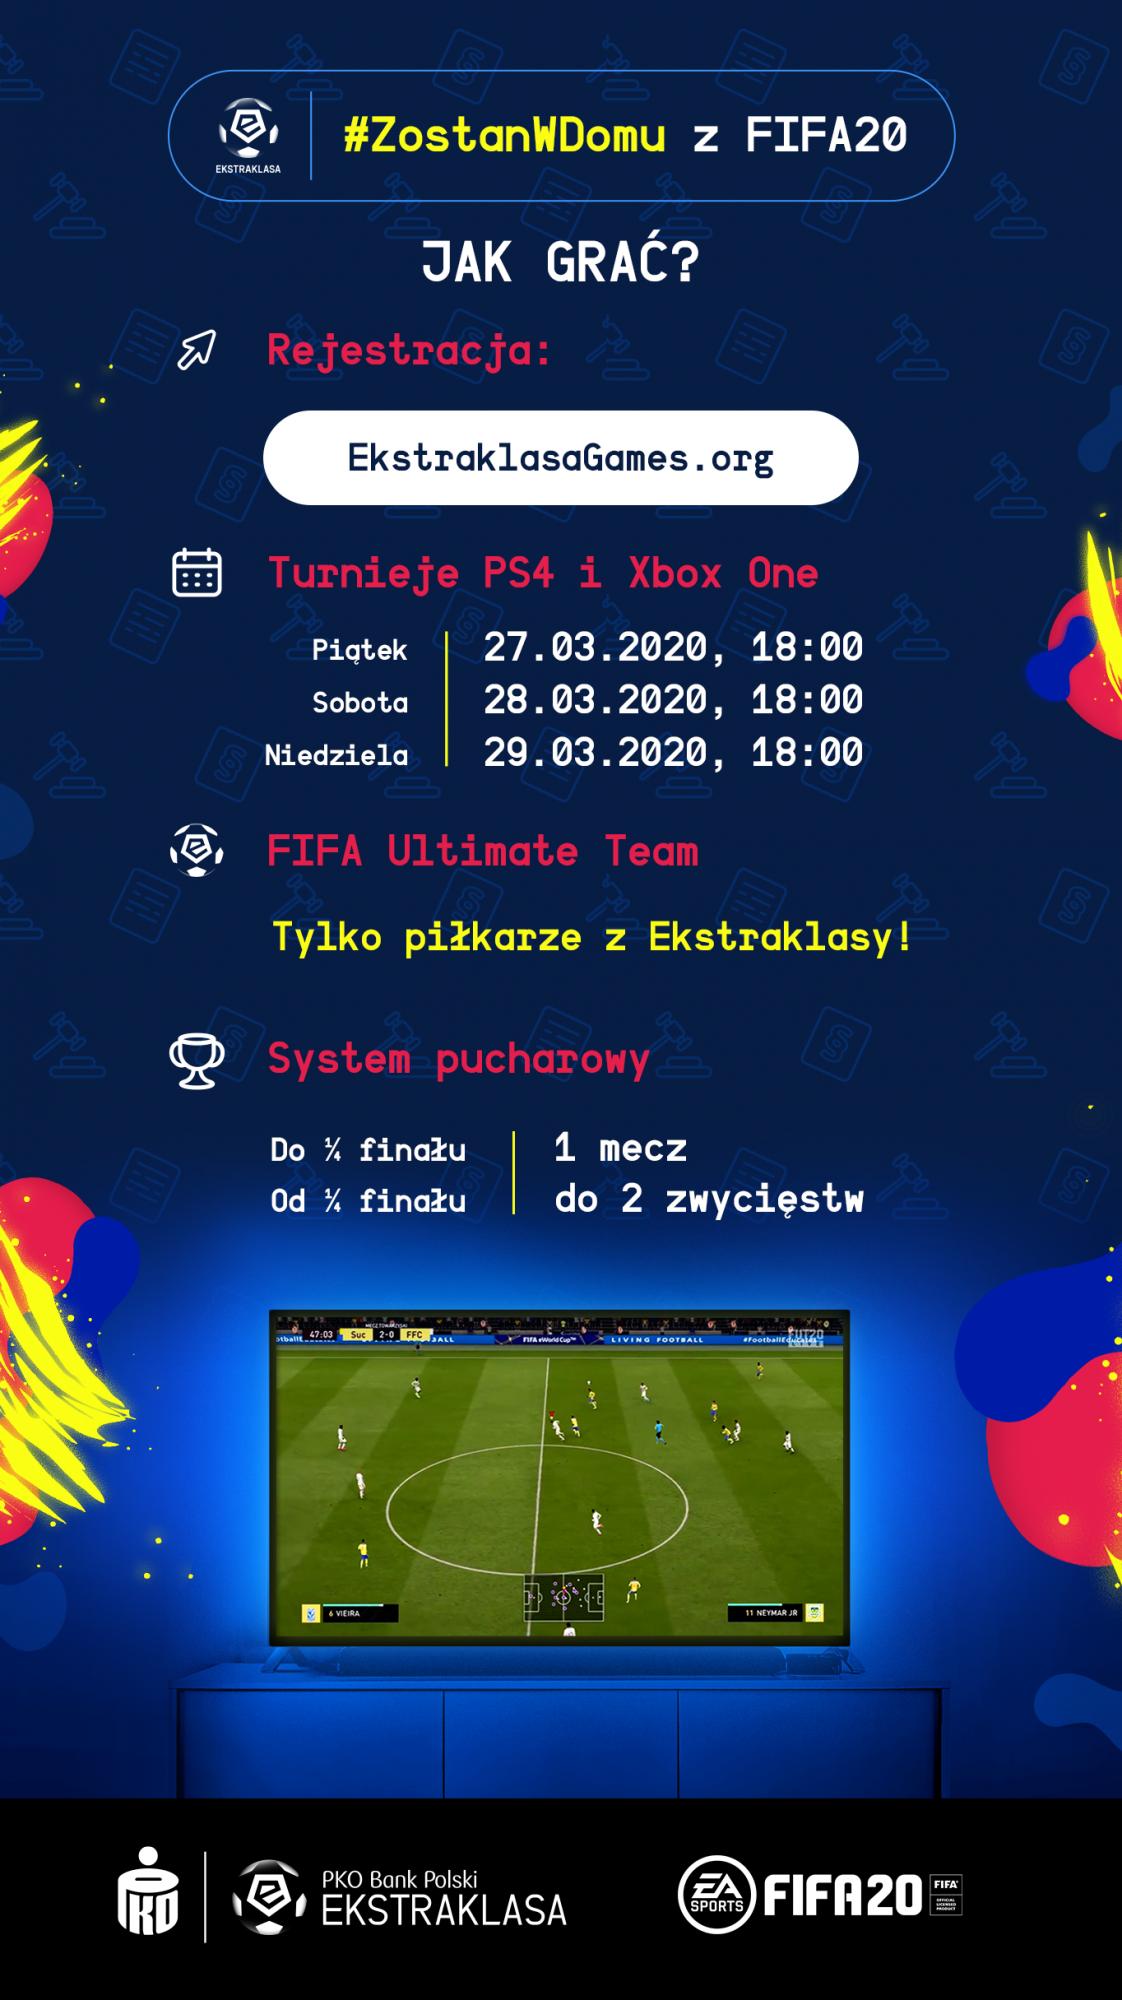 zostan fifa20 infografika 1585039854 - #ZostanWDomu z FIFA20 – zagraj w turnieju Ekstraklasy!